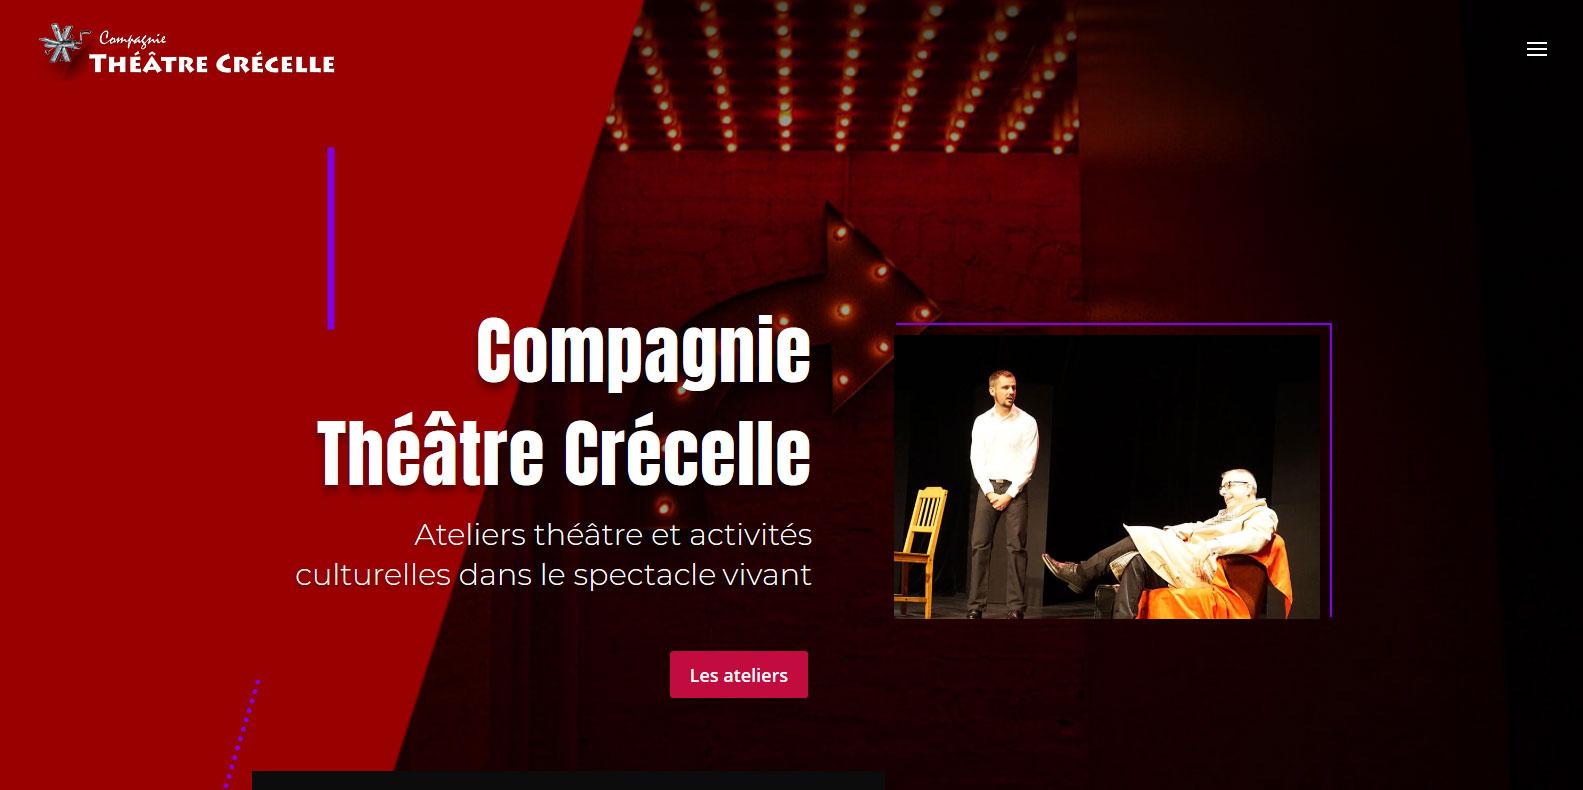 compagnie-theatre-crecelle-ateliers-theatre-adultes-et-enfants